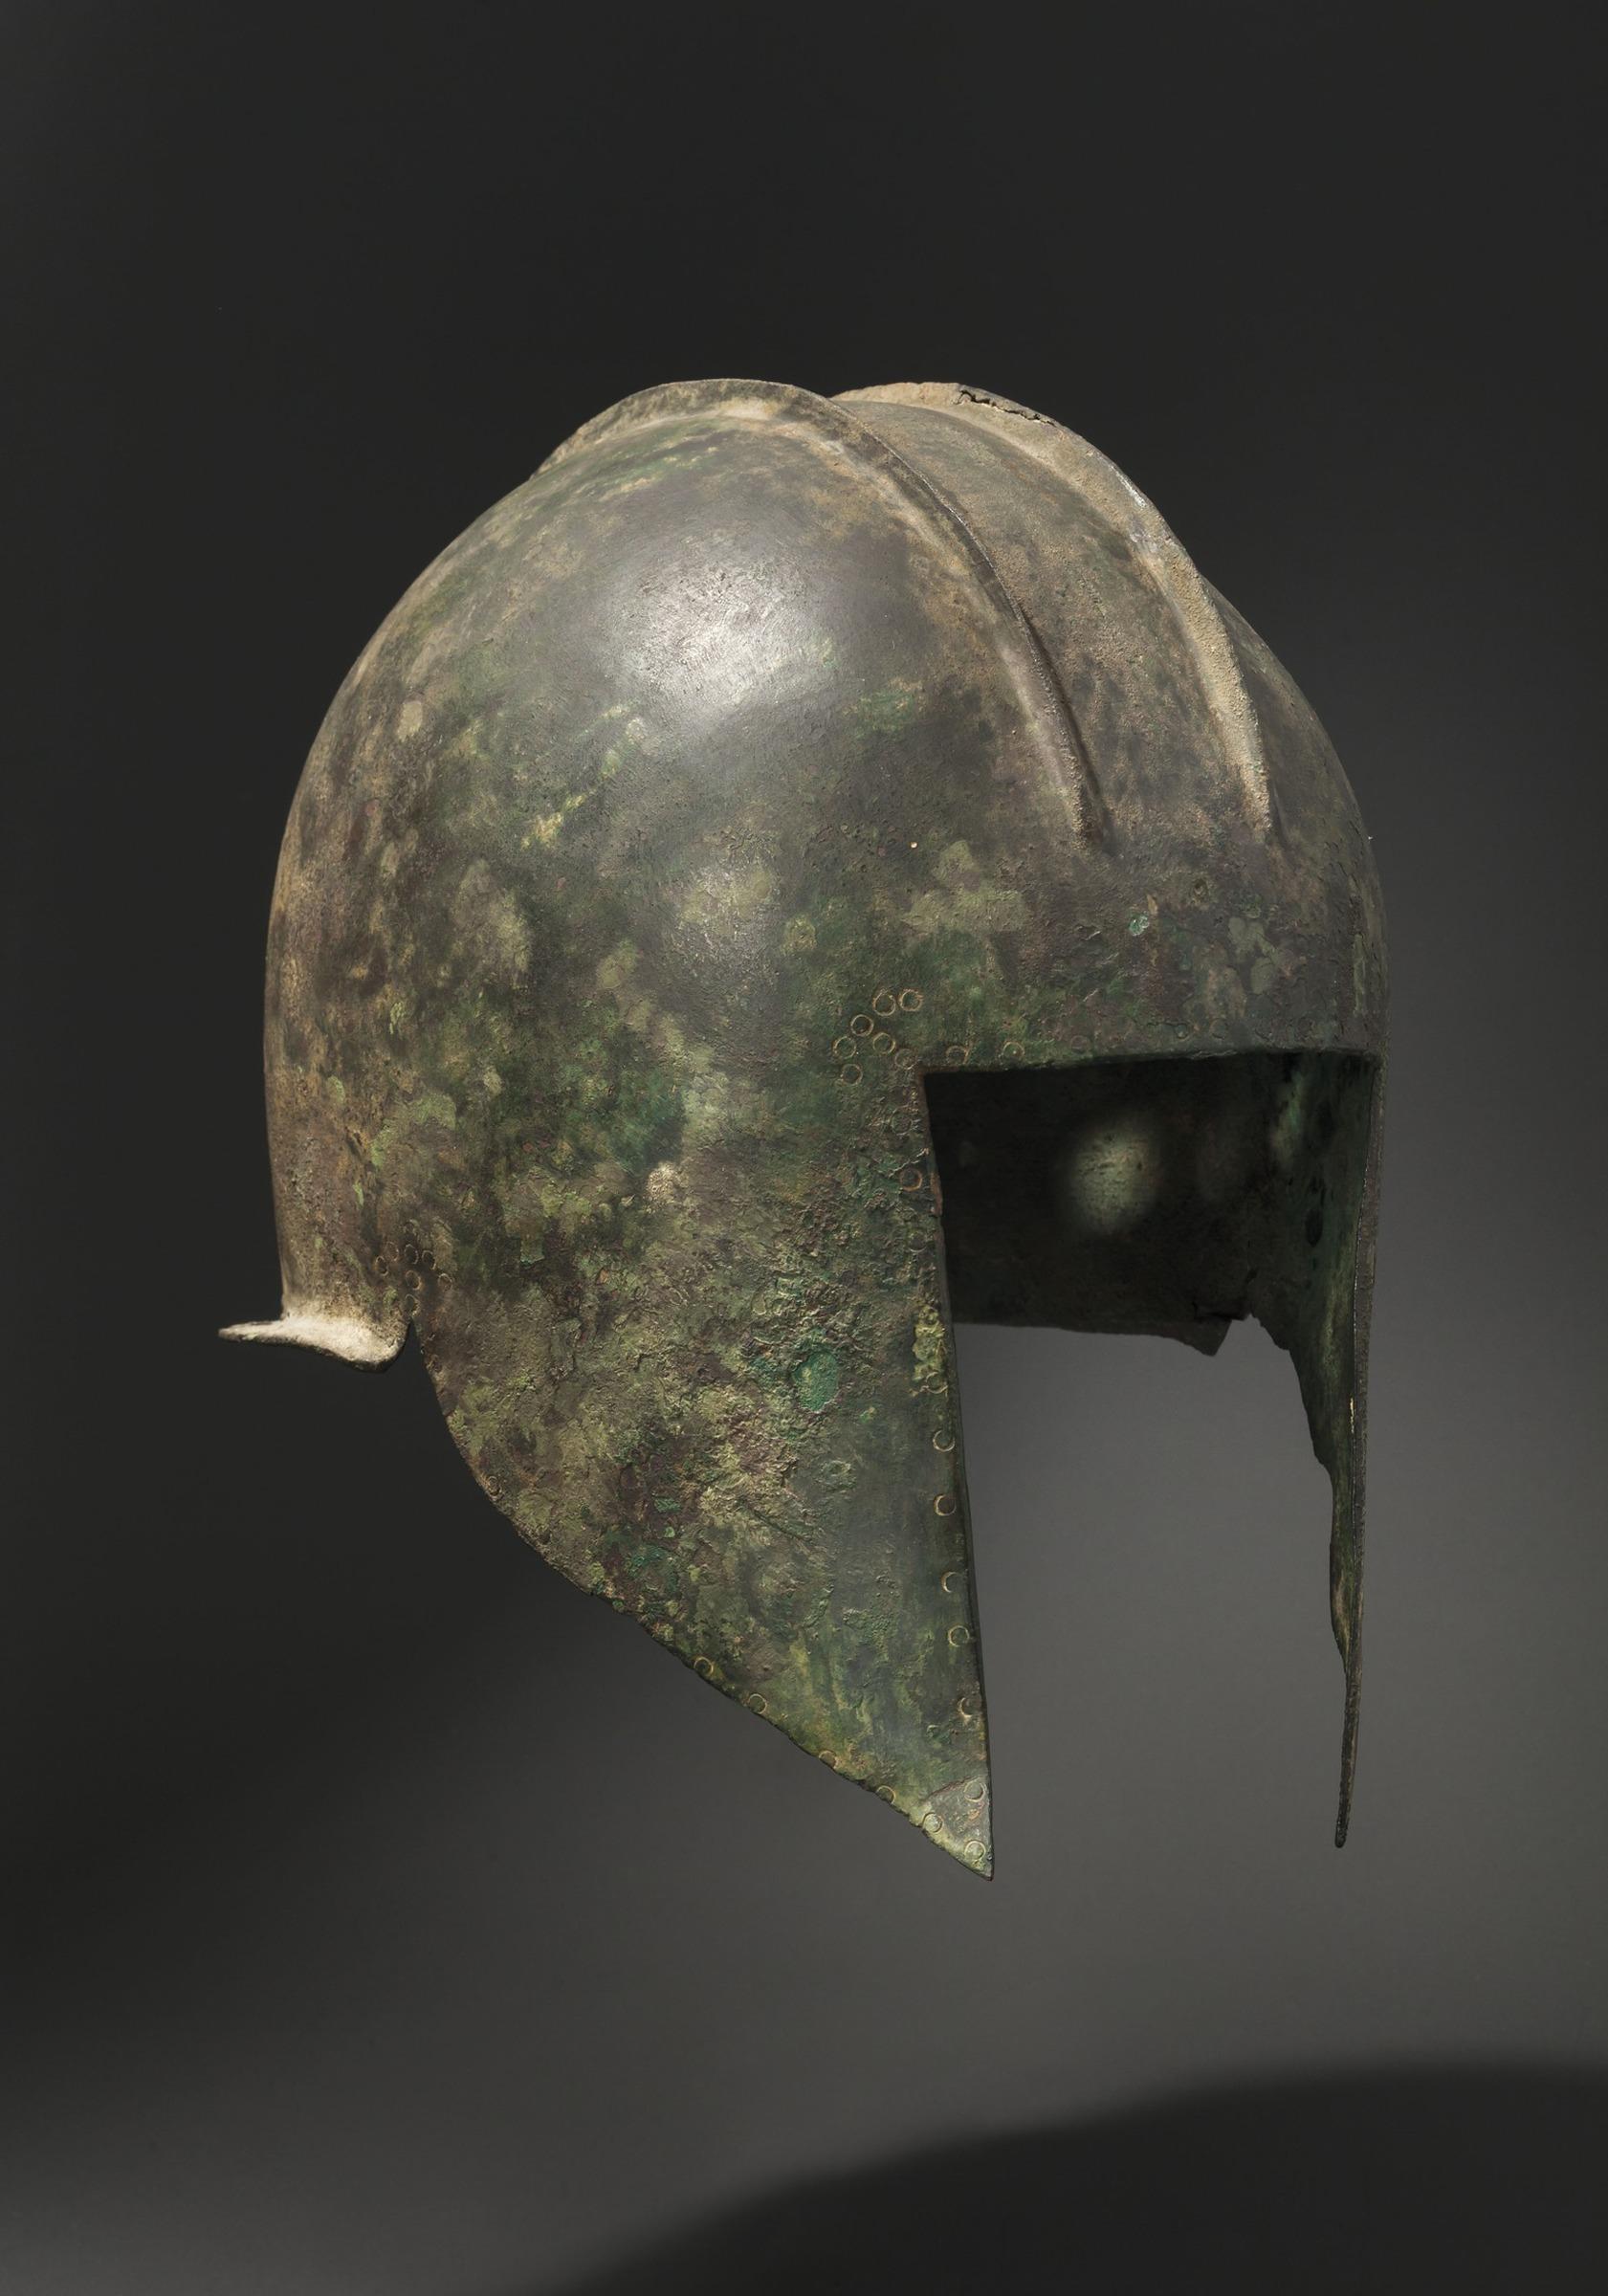 Illyrischer Helm mit Punzborte, nordgriechisch, 5. - frühes 4. Jh. v. Chr.